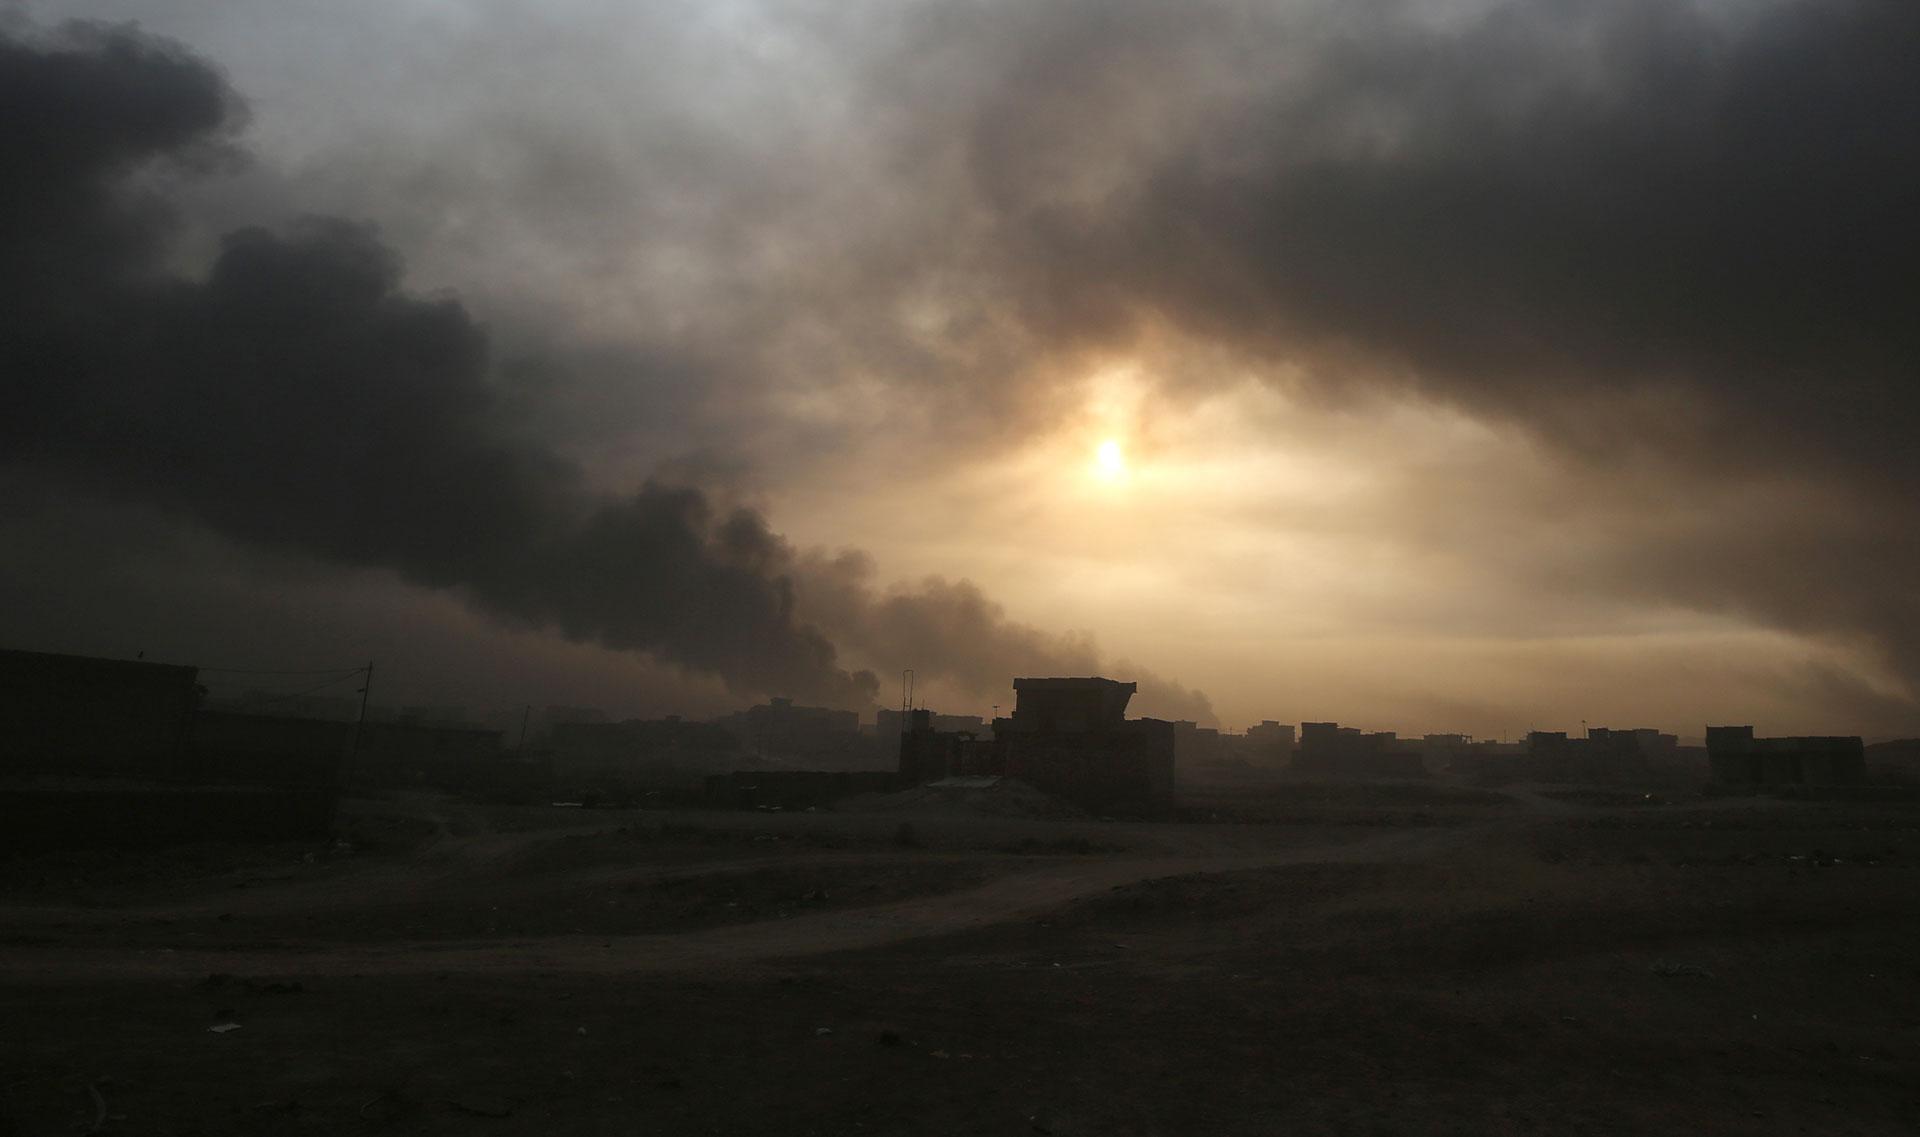 Un manto oscuro cubre el cielo en las zonas aledañas a la ciudad de Mosul (AFP)